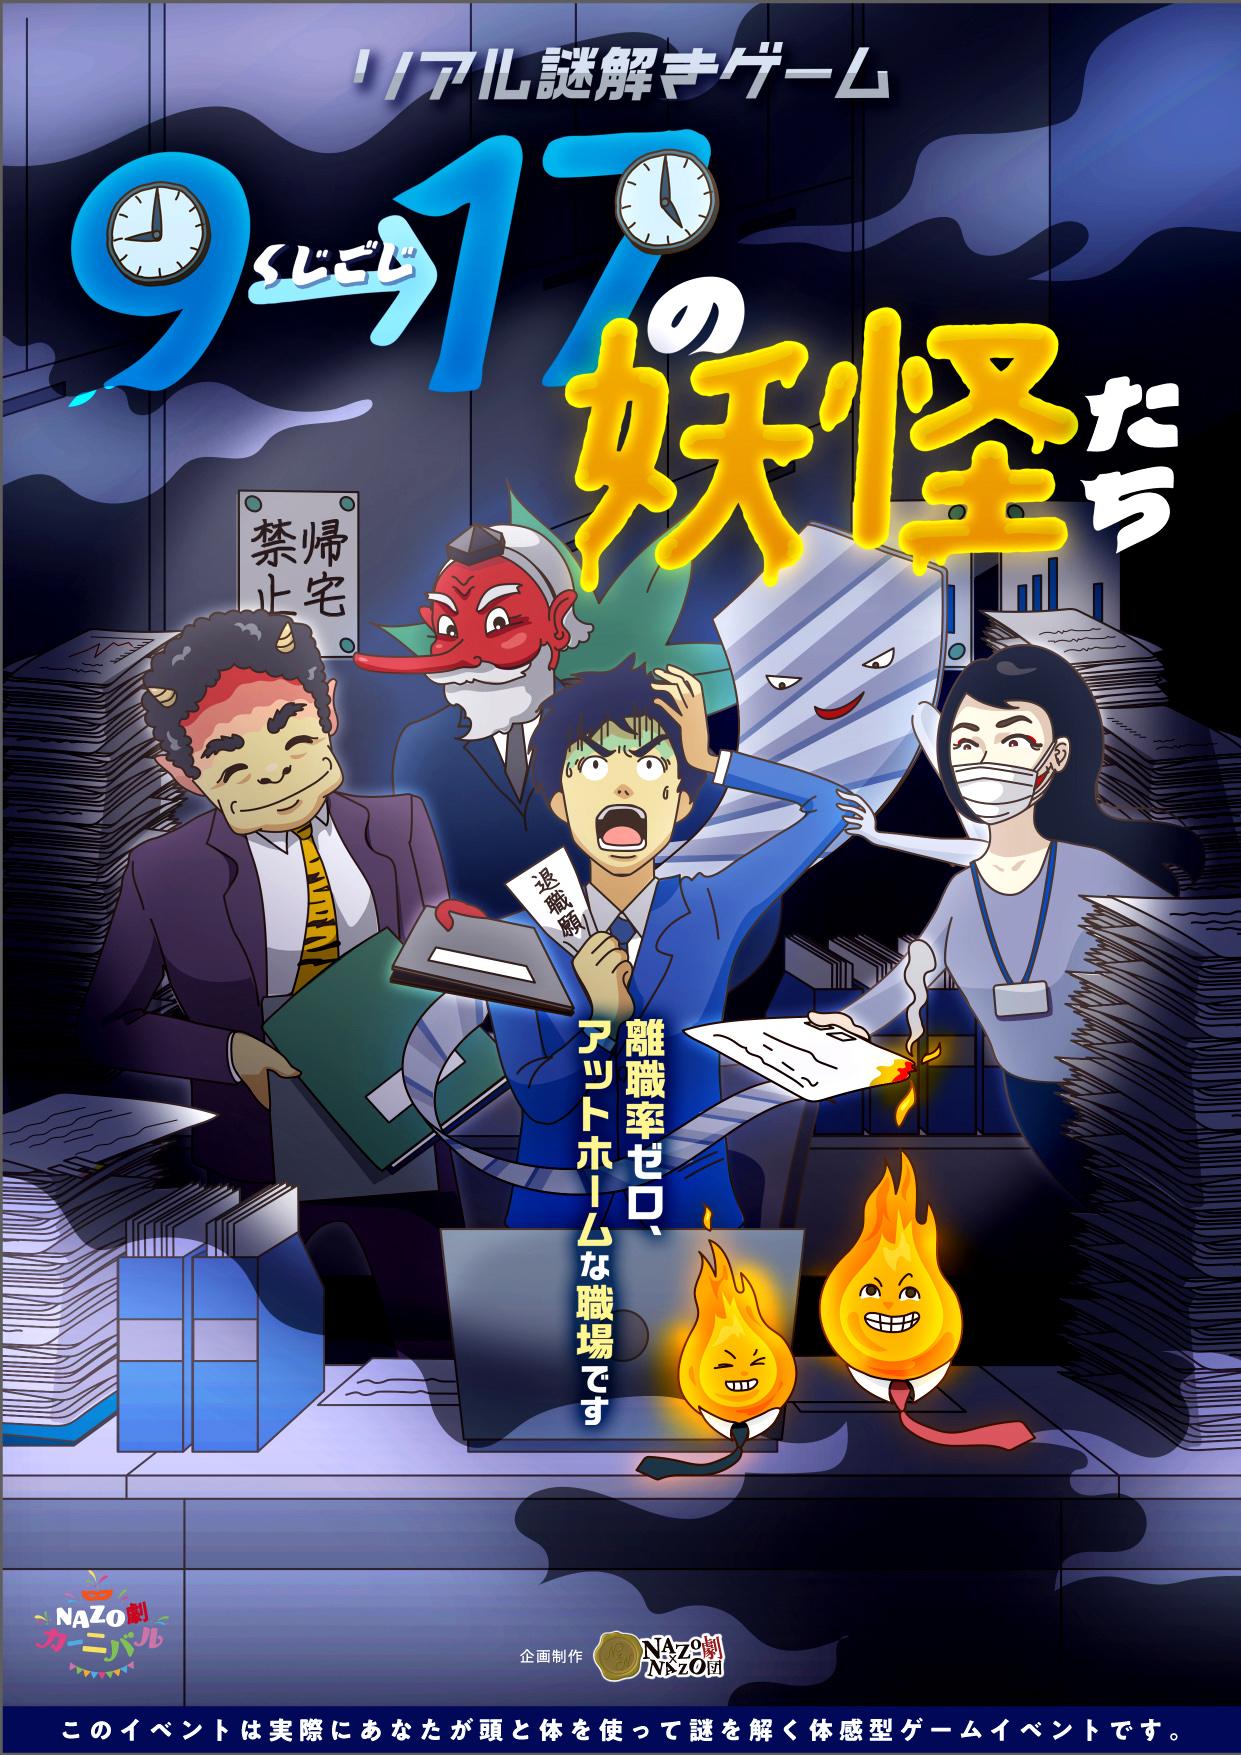 公演型リアル謎解きゲーム「9→17時(くじごじ)の妖怪たち」(渋谷)